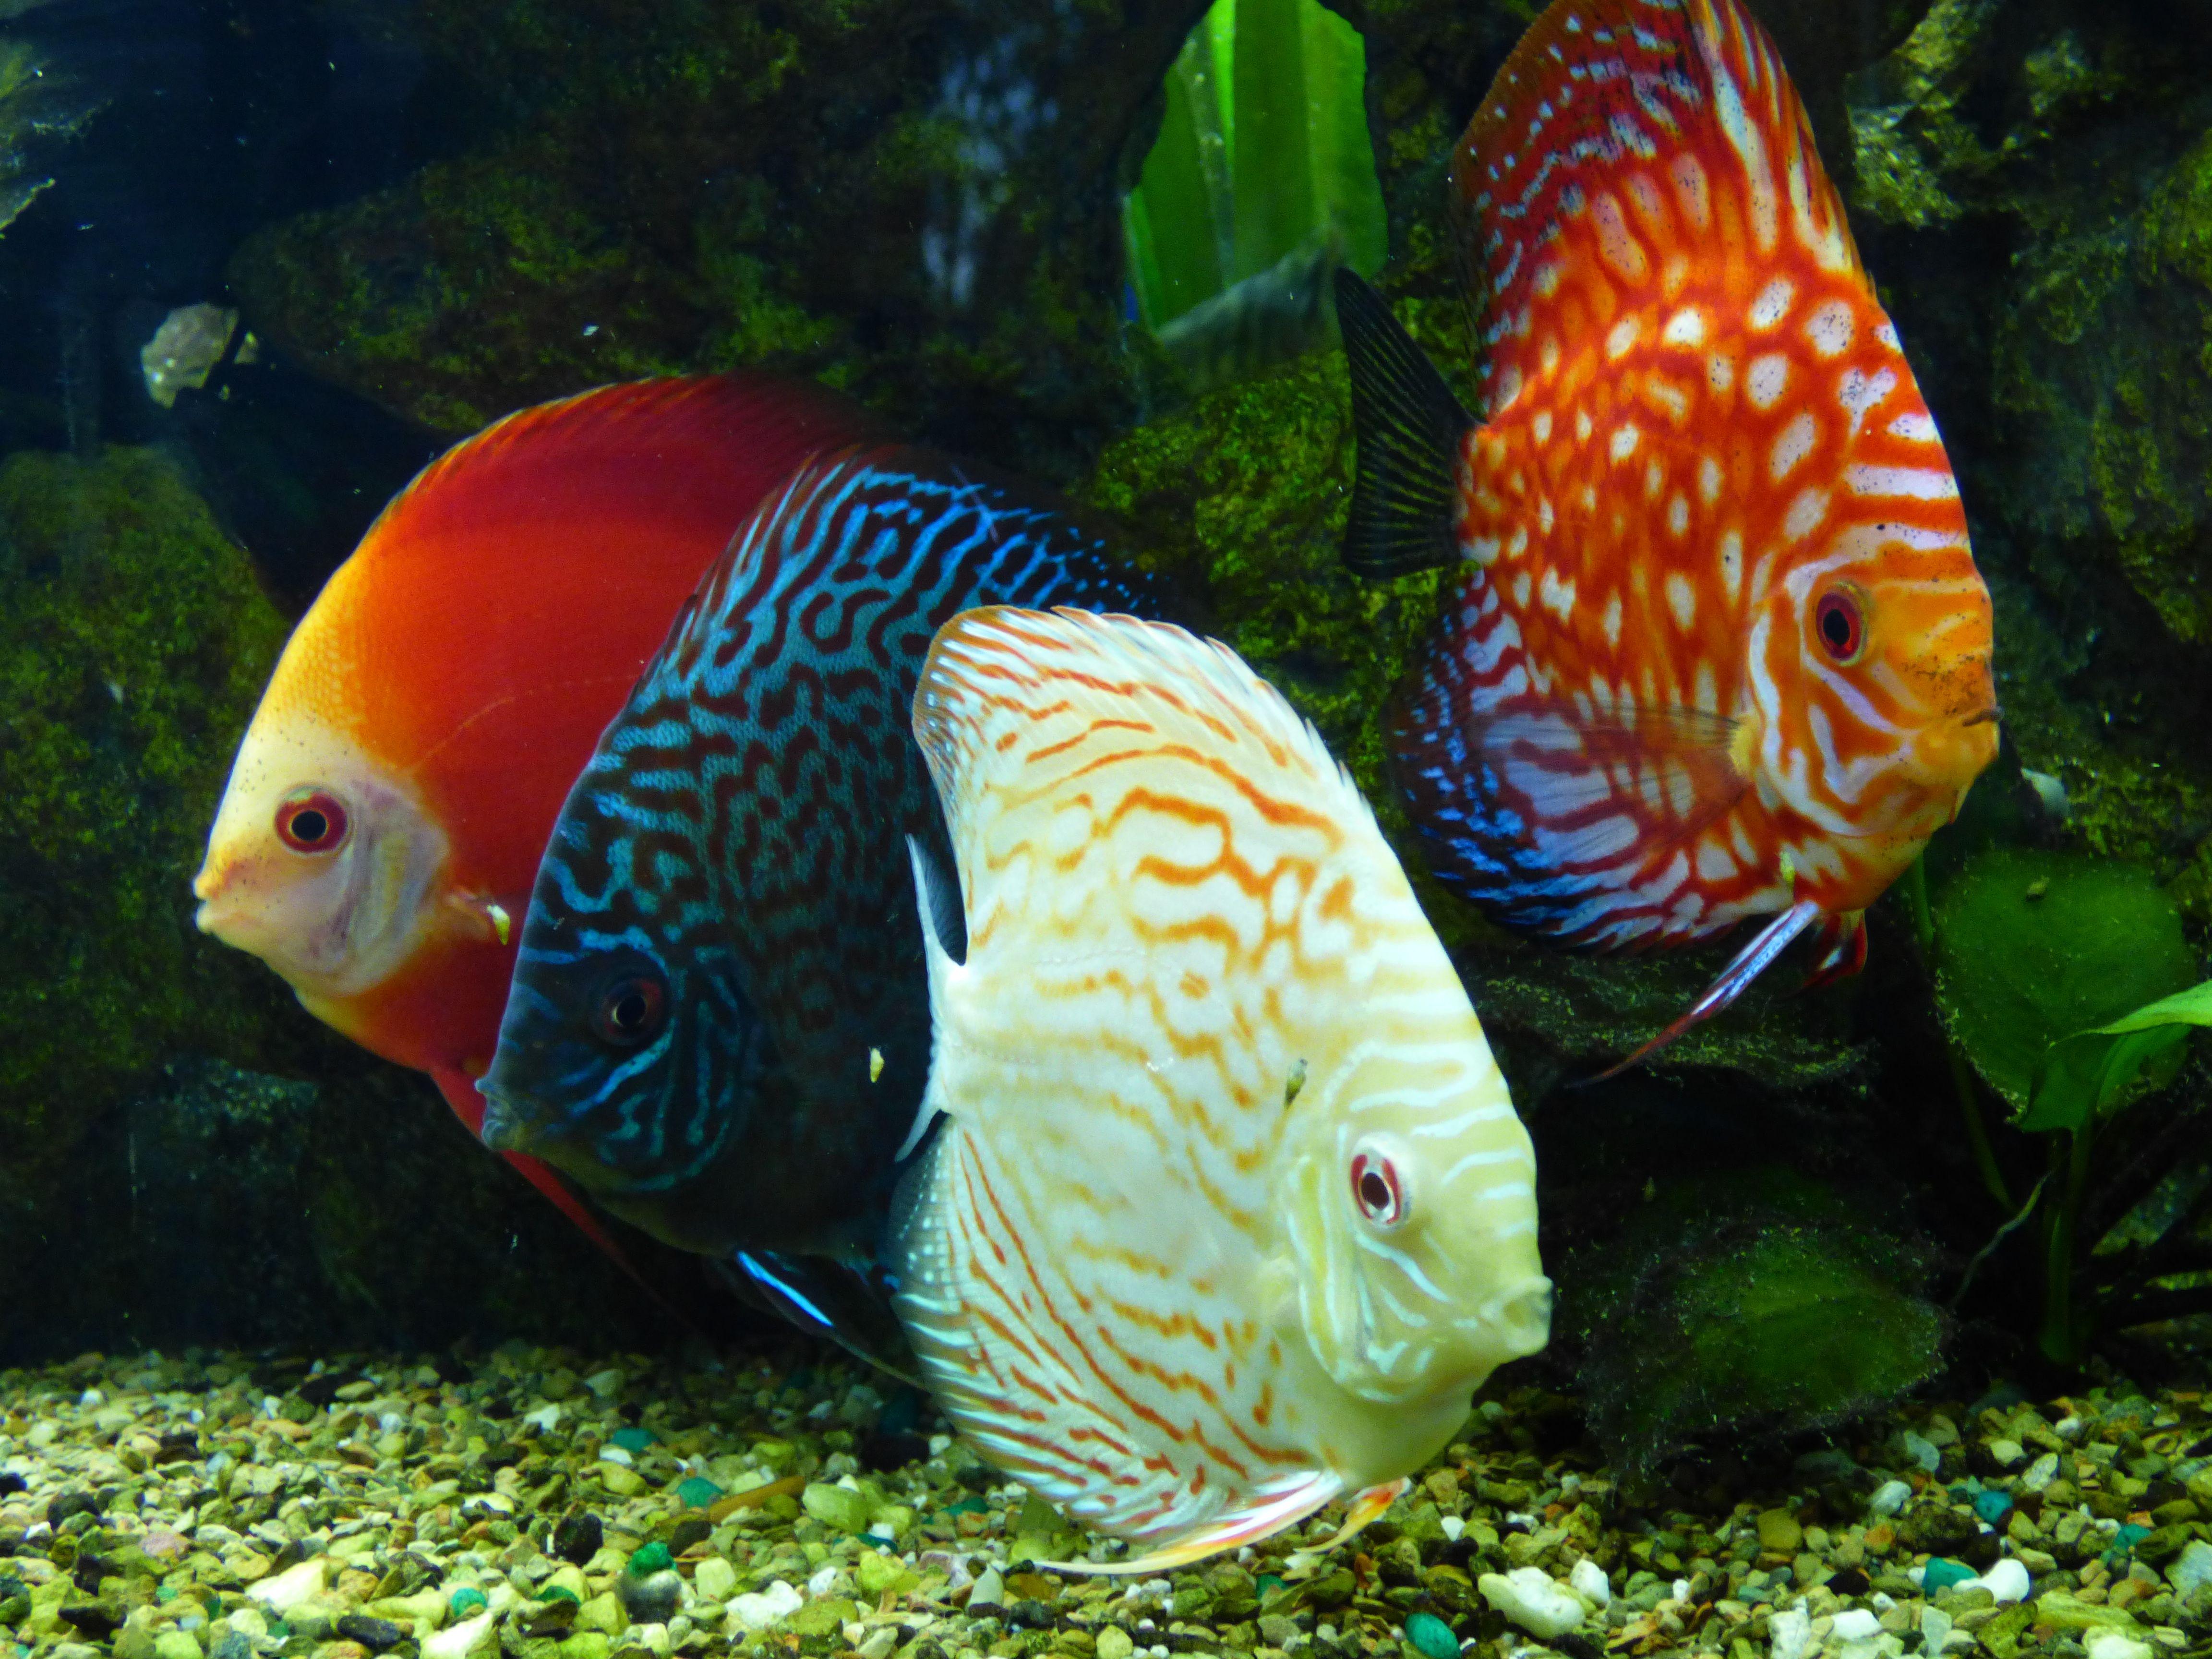 Discus Fishes Tropical Fish Aquarium Discus Fish Fish Tank Plants